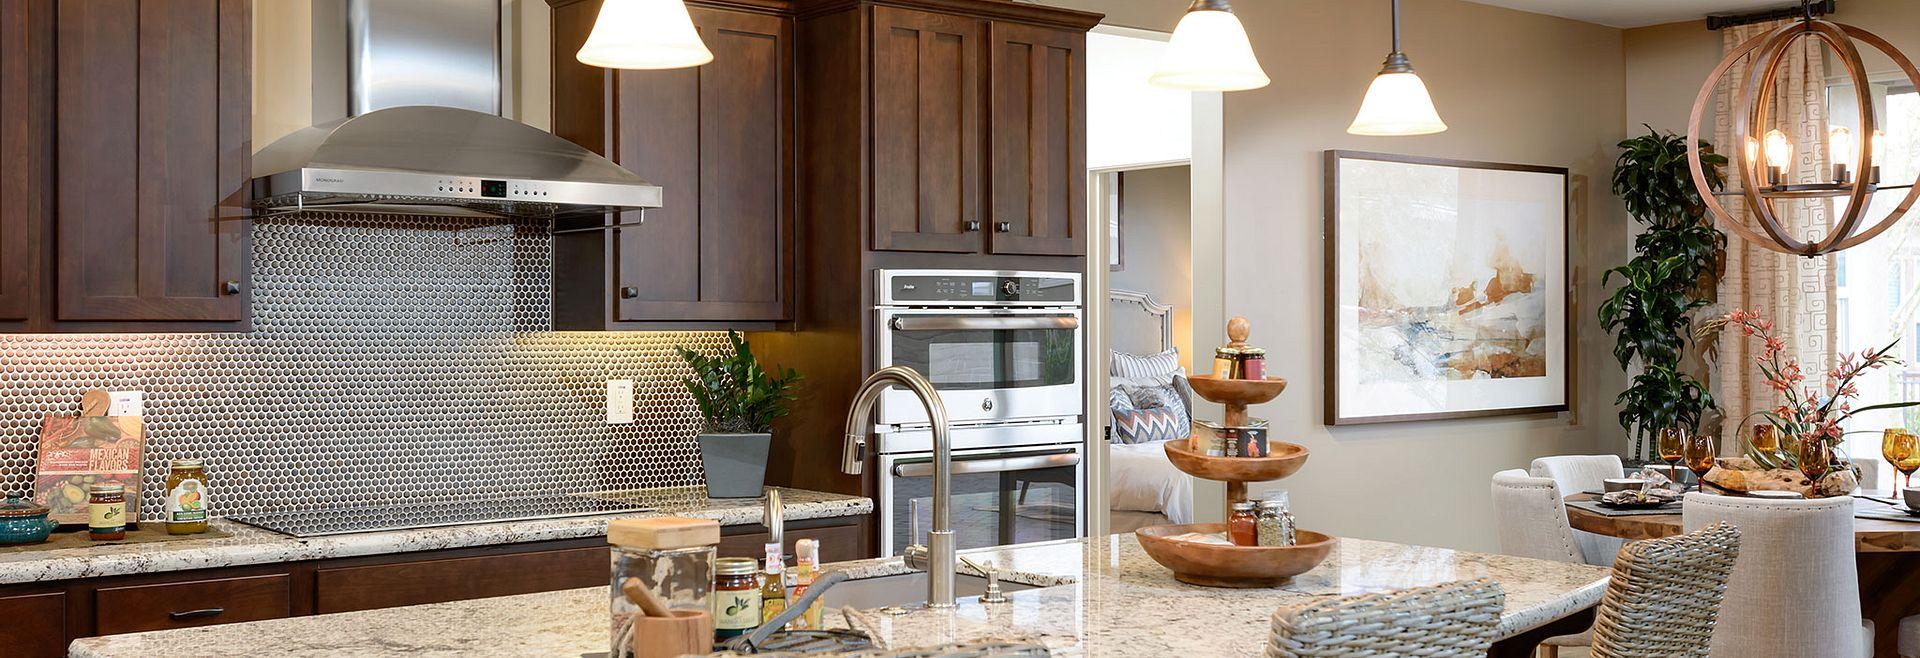 Resolution Model Kitchen